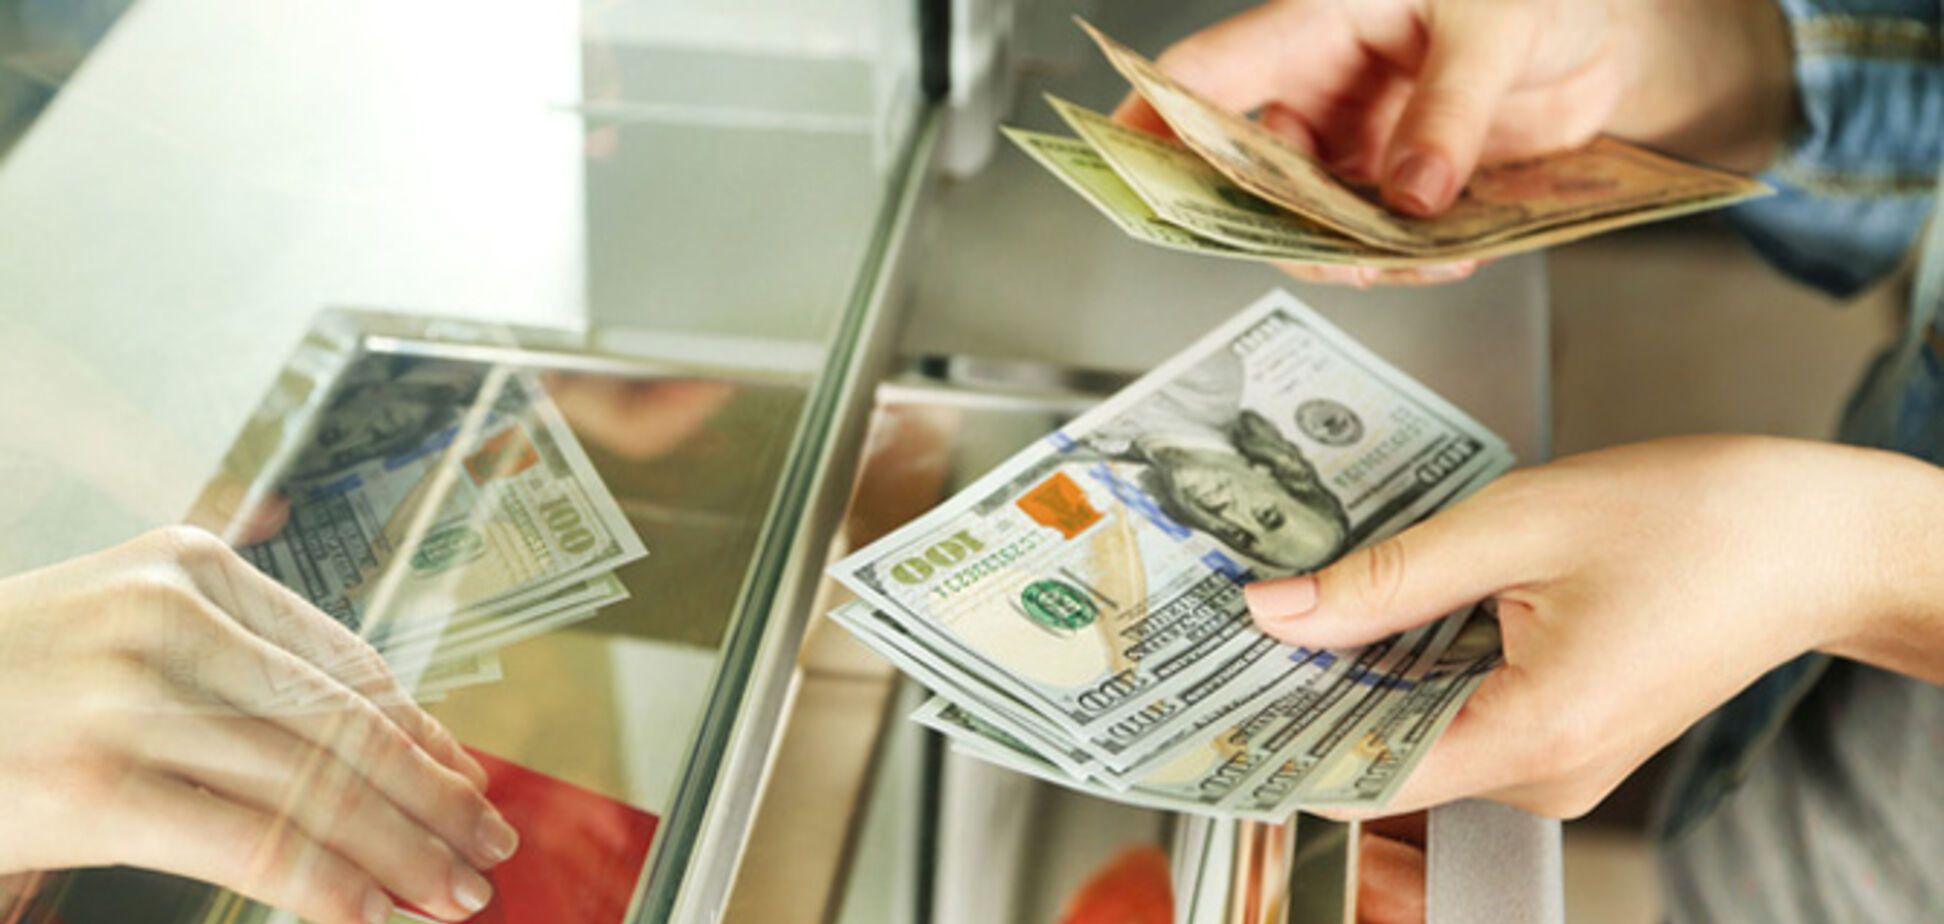 Нацбанк упростит операции по обмену валют: что изменится